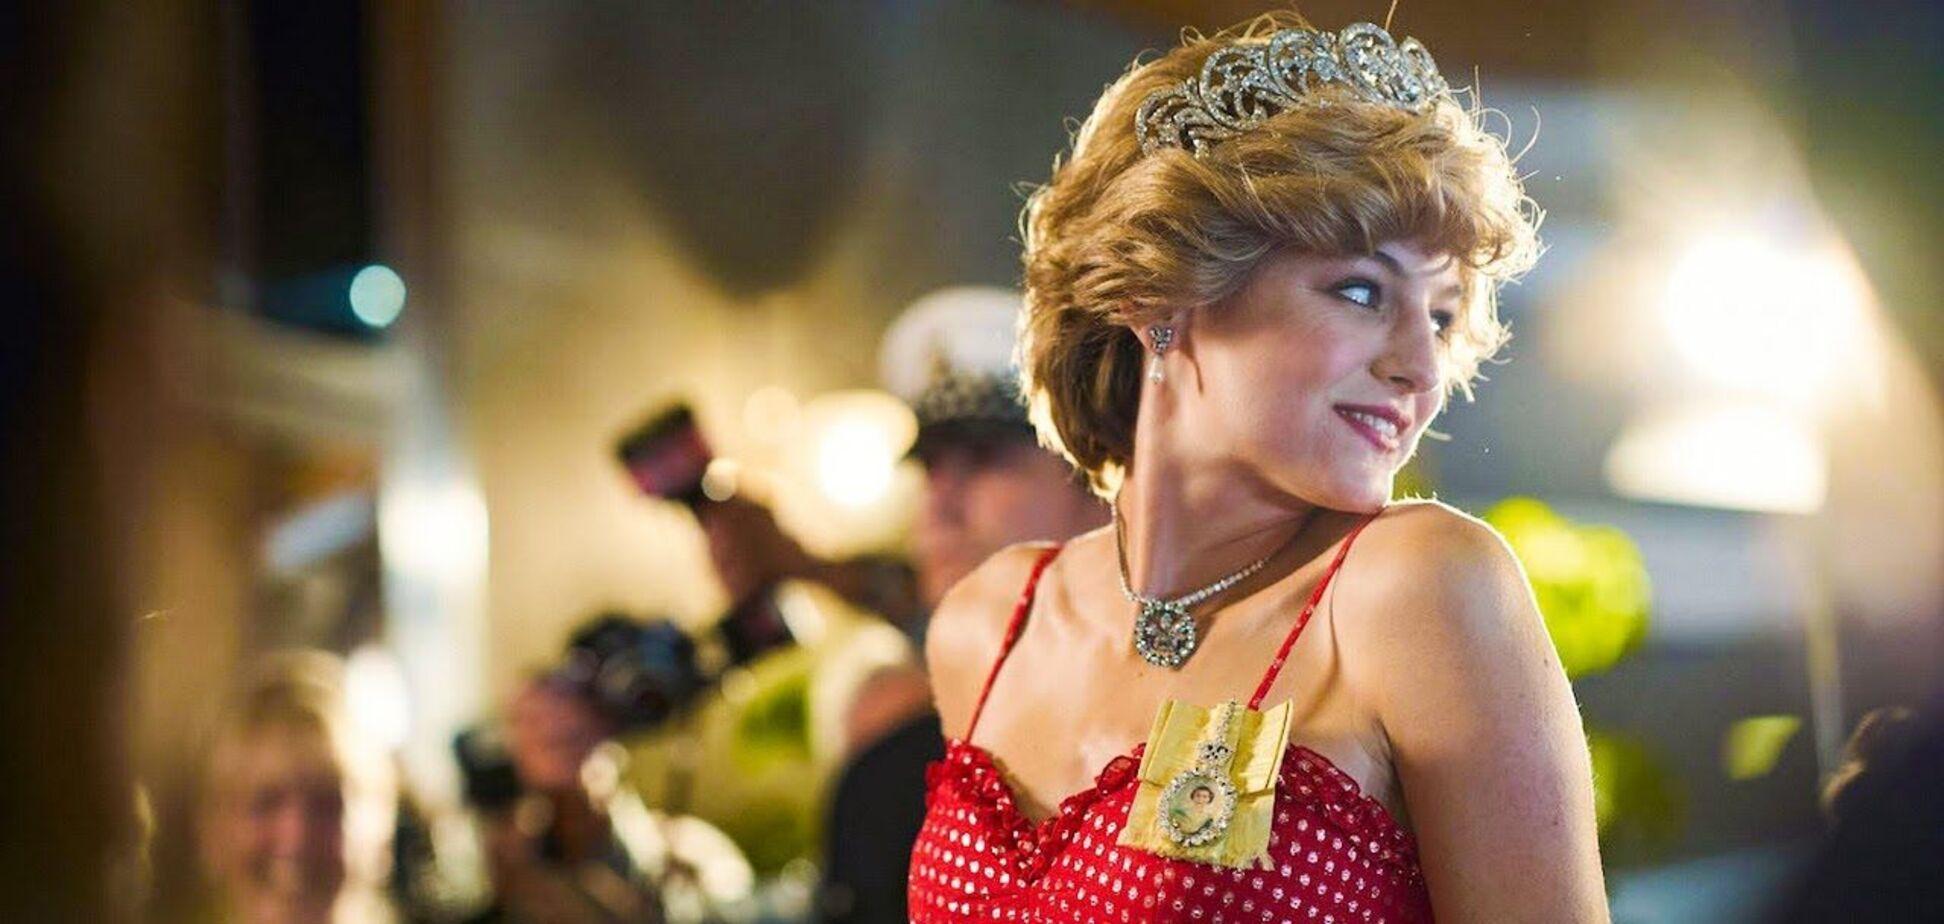 Королівська сім'я незадоволена новим сезоном 'Корони': ЗМІ назвали моменти, які їх збентежили